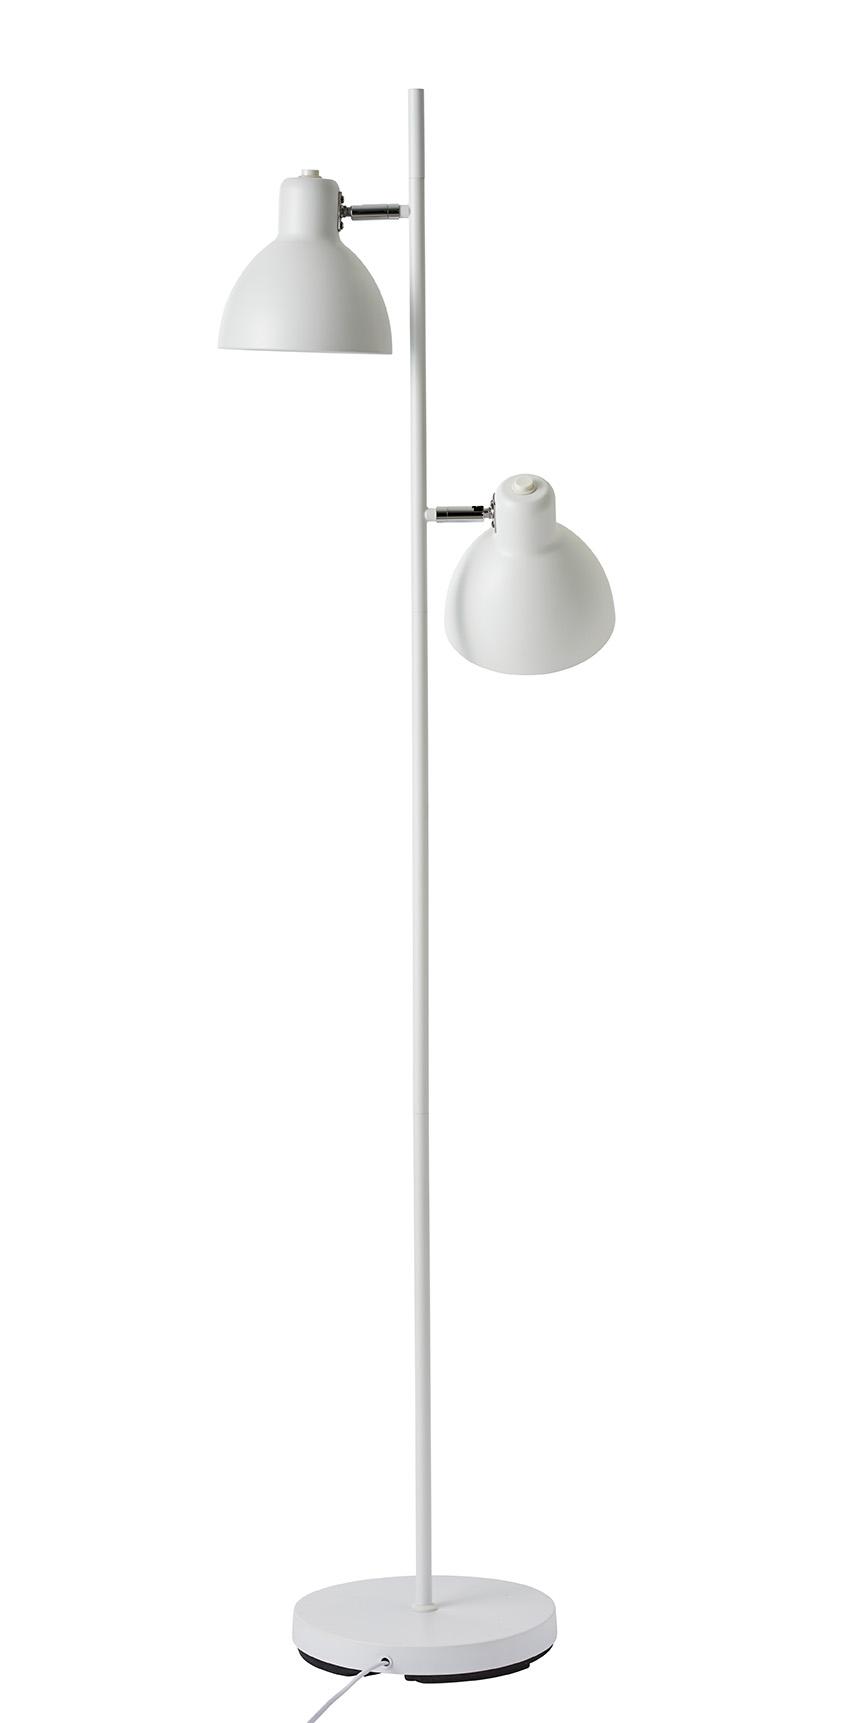 Dyberg-Larsen - Skagen Floorlamp 2 - White (7035)